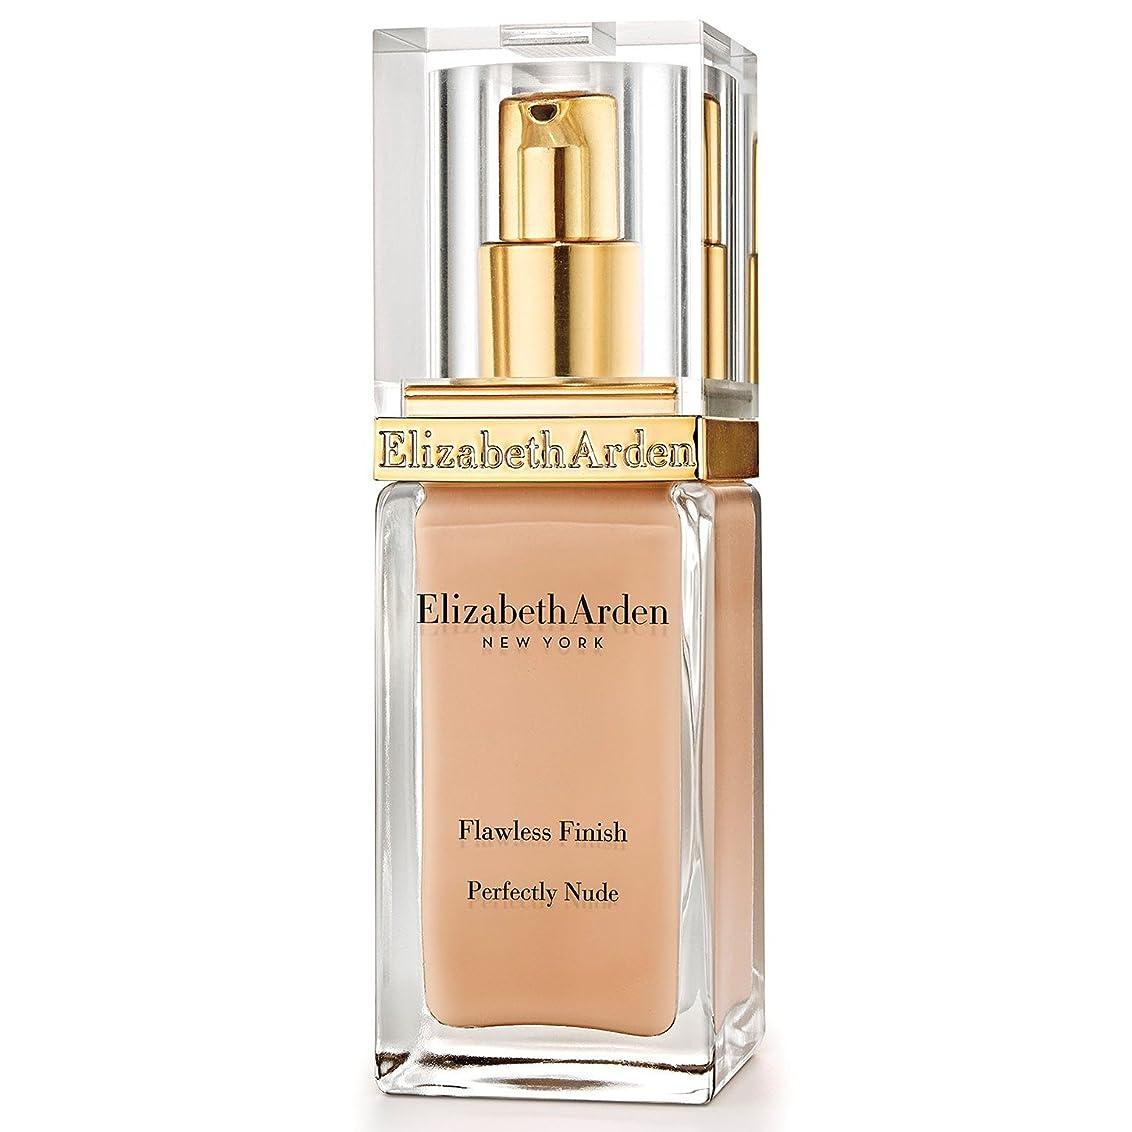 束ねるフェデレーション実験的Elizabeth Arden Flawless Finish Perfectly Nude Foundation SPF 15 Amber (Pack of 6) - エリザベスアーデン完璧な仕上がり完璧ヌード基礎 15アンバー x6 [並行輸入品]